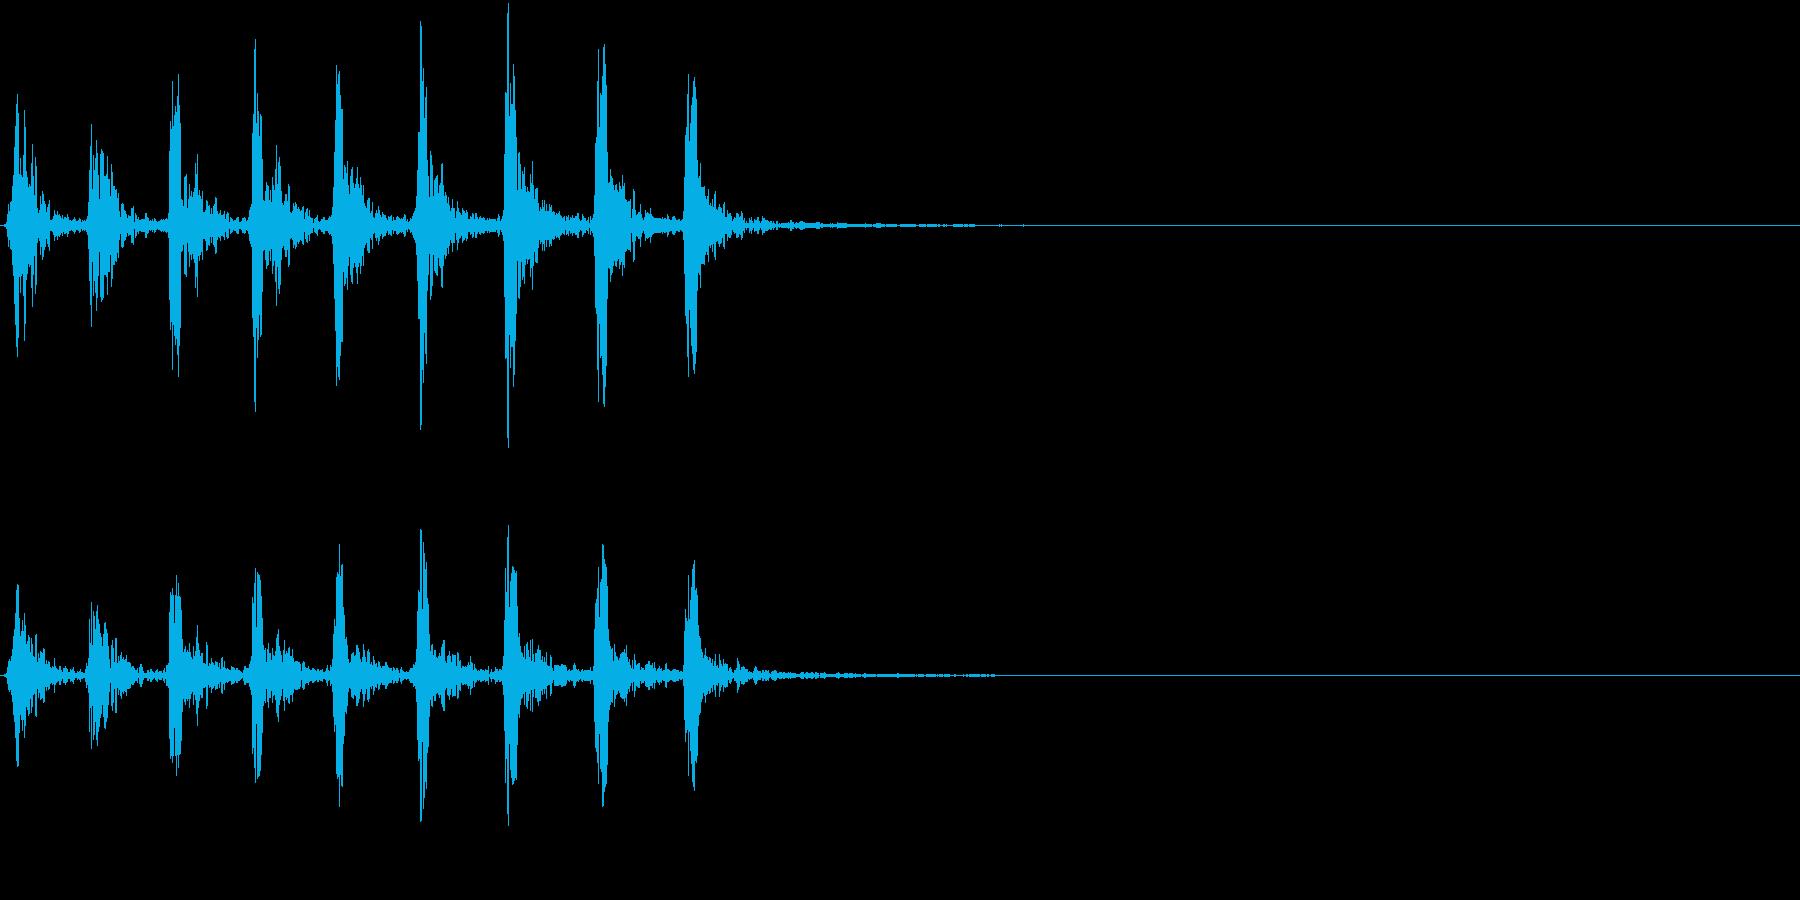 【生録音】小鳥のさえずり 野鳥 2の再生済みの波形